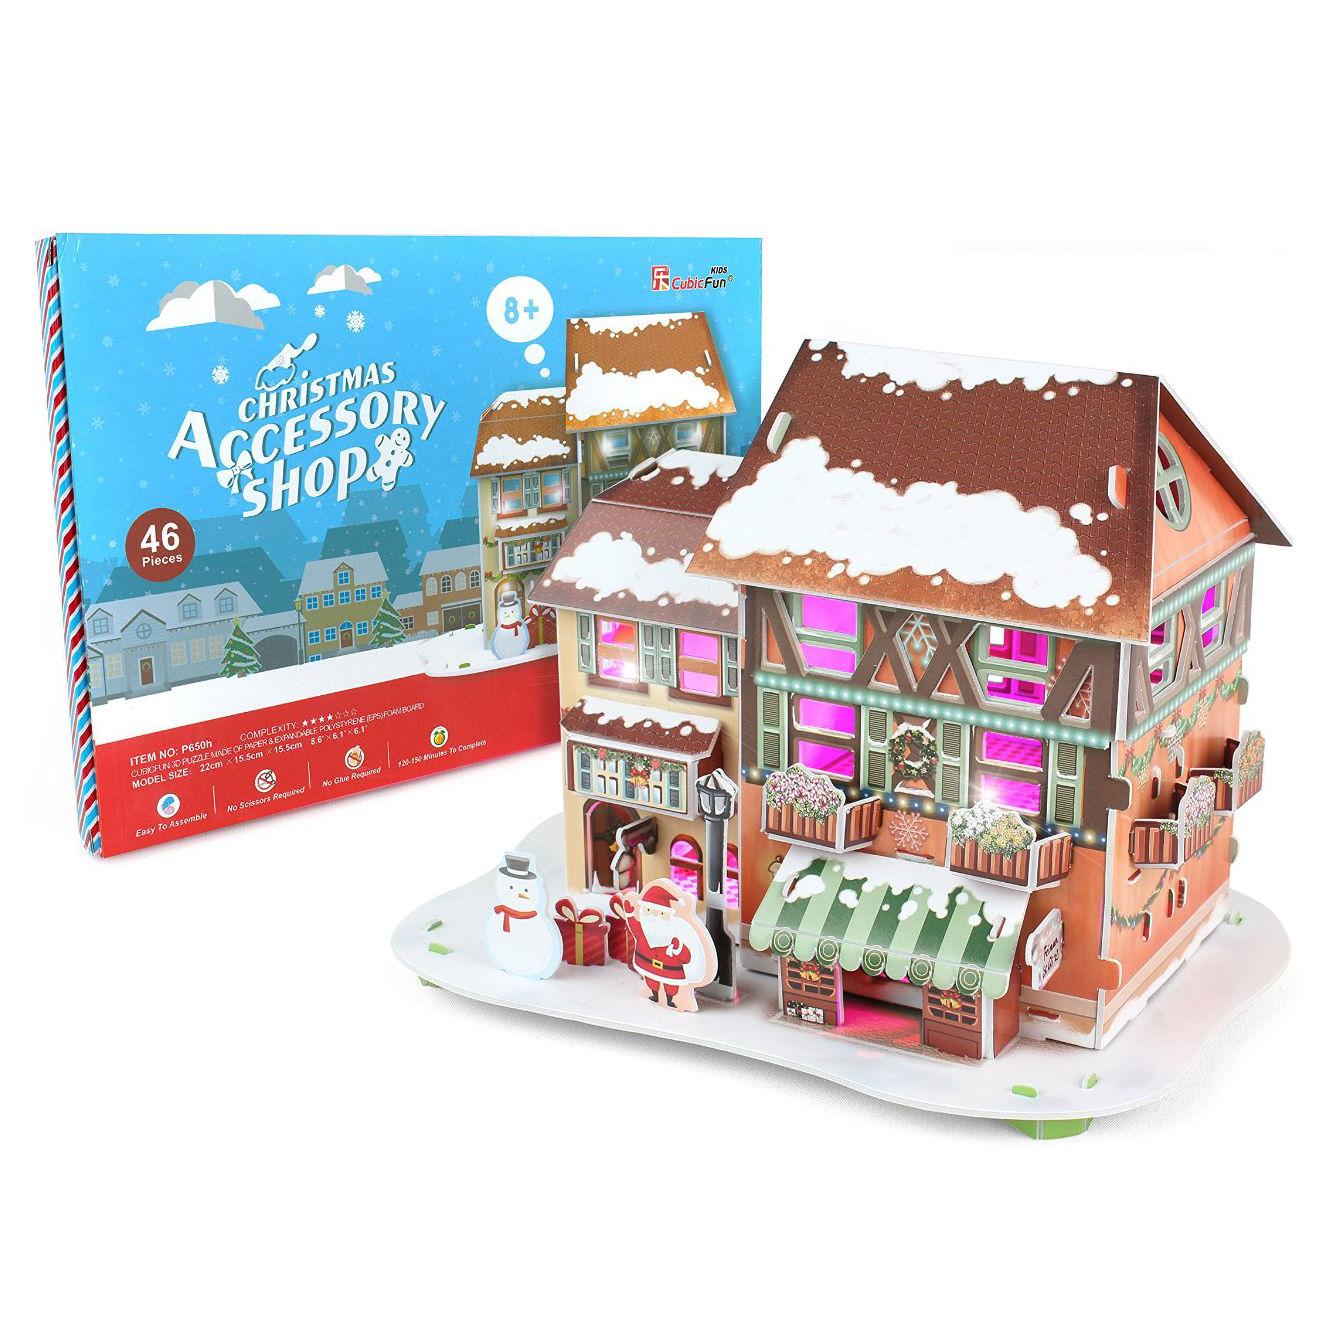 Купить 3D-пазл с подсветкой - Рождественский домик 4, 46 деталей, Cubic Fun